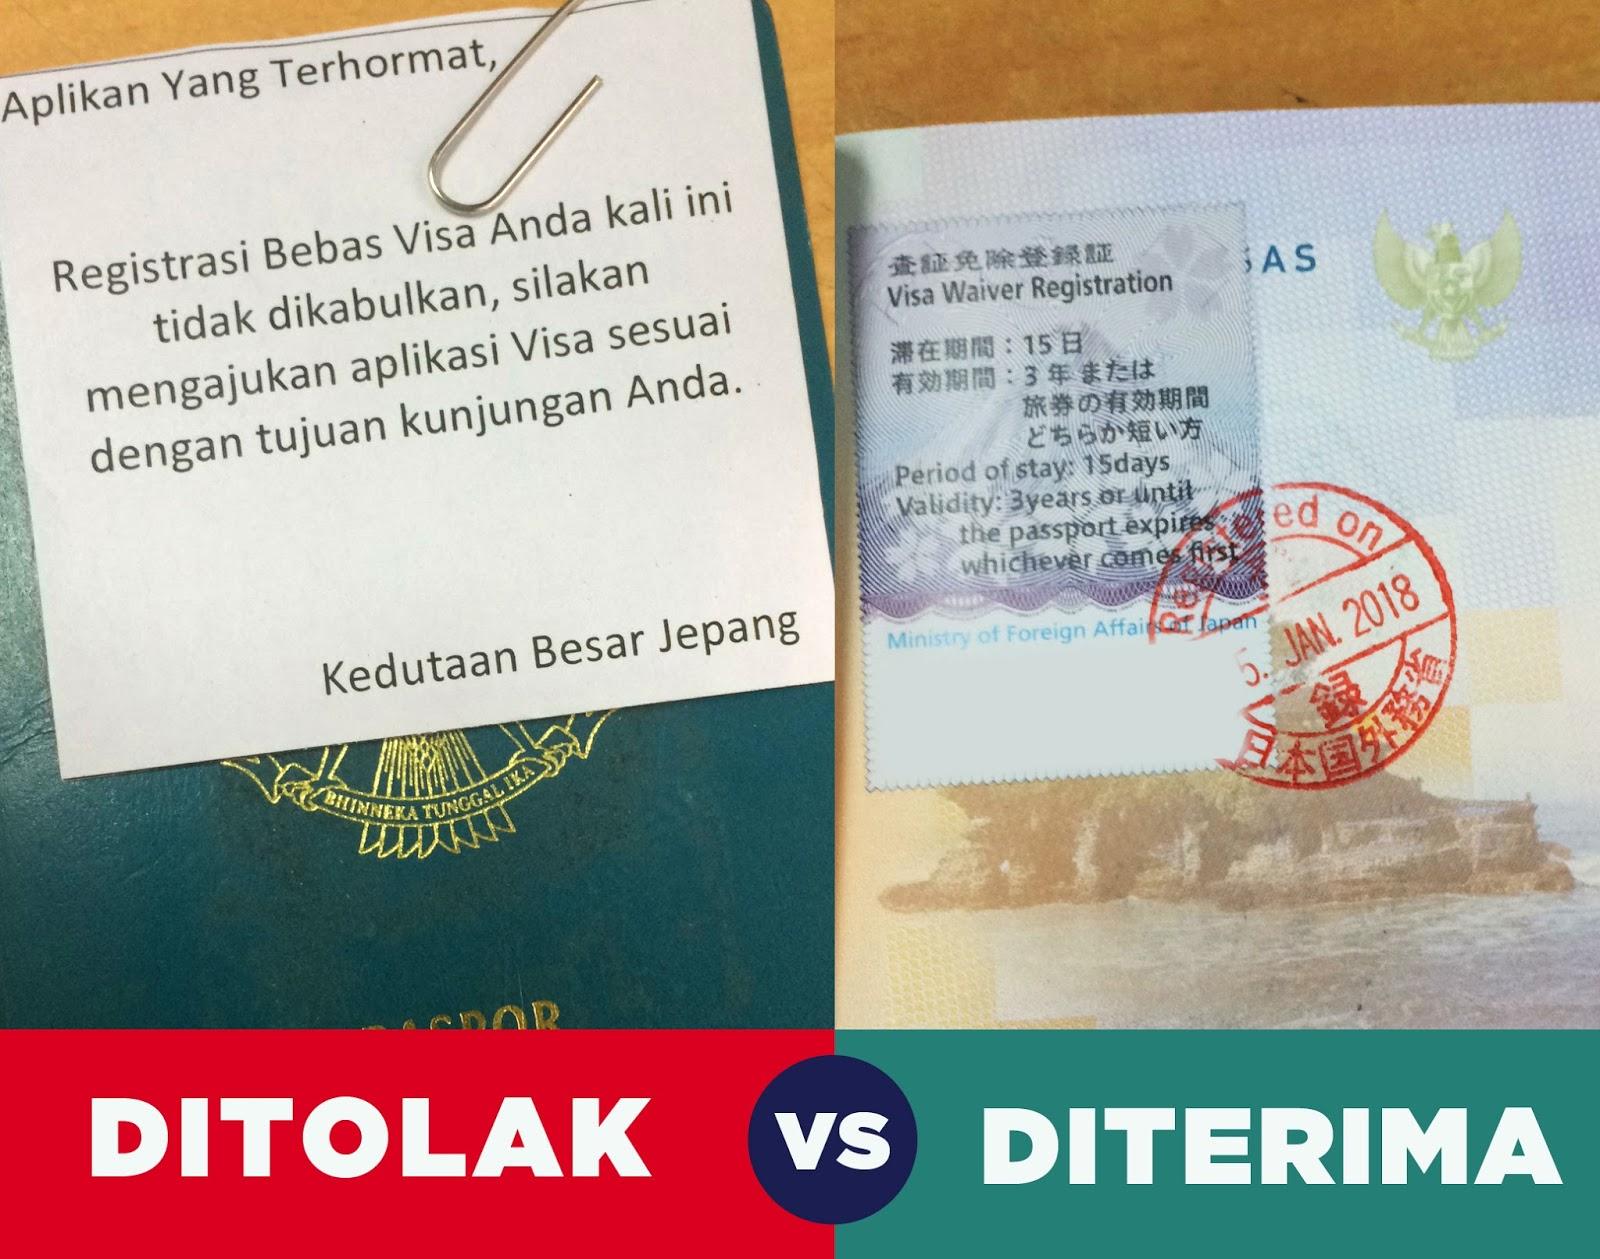 Kurang Lebih Tiga Bulan Menjelang Keberangkatan Saya Datang Ke Kedutaan Jepang Di Jakarta Yang Berada Di Jalan Thamrin Dengan Maksud Meregistrasikan